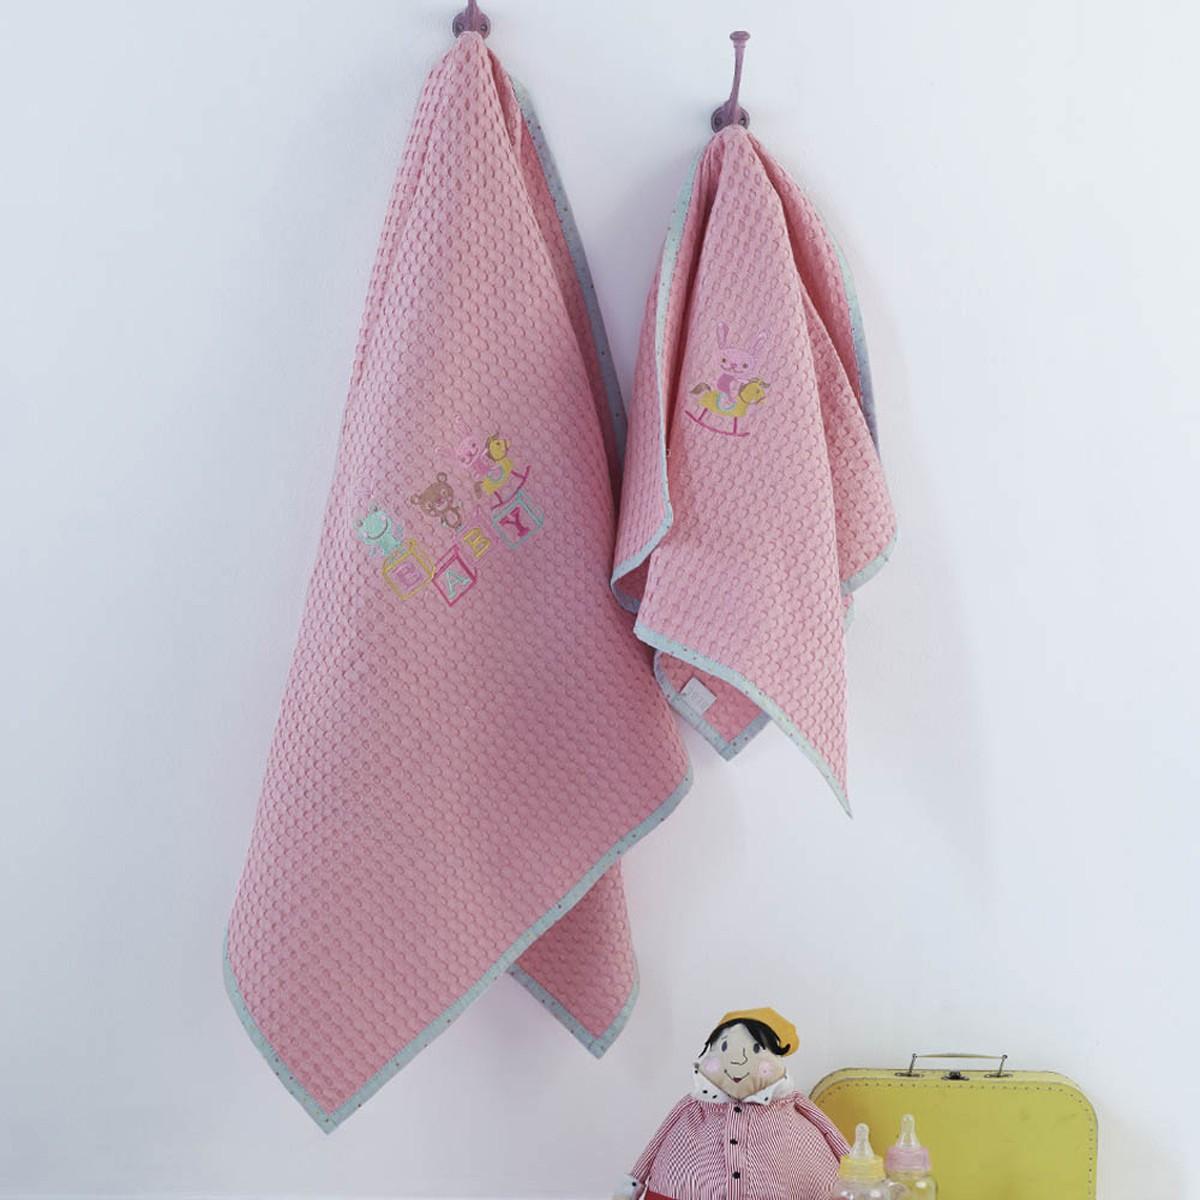 Κουβέρτα Πικέ Αγκαλιάς Kentia Baby Cube home   βρεφικά   κουβέρτες βρεφικές   κουβέρτες καλοκαιρινές